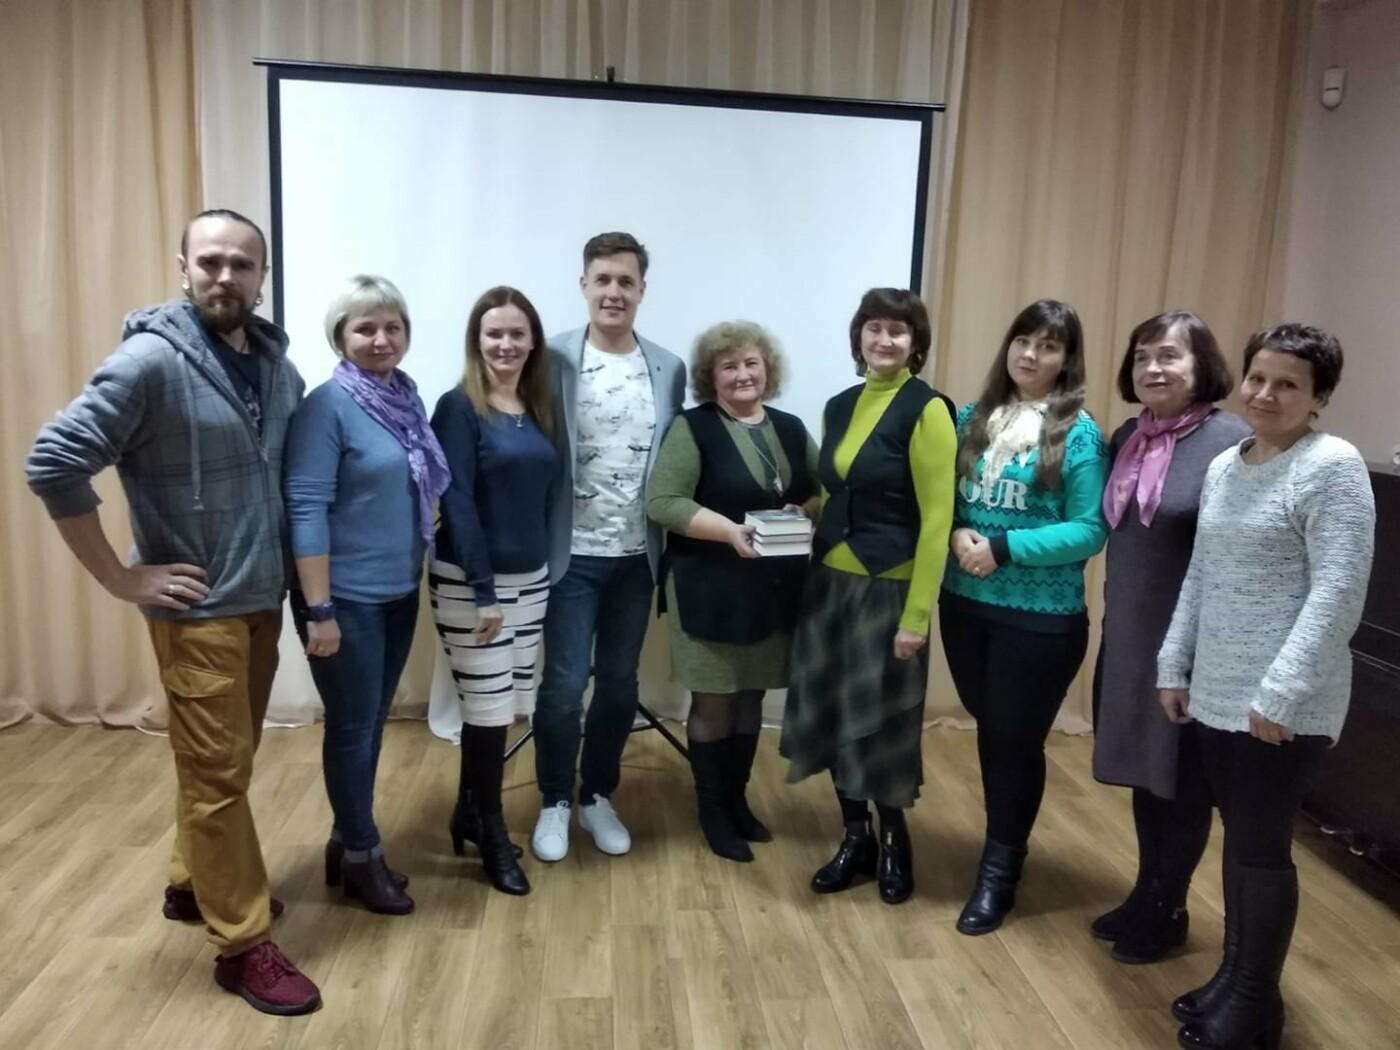 Макс Кидрук презентовал новую книгу в Северодонецке, фото-2, Северодонецкая городская публичная библиотека